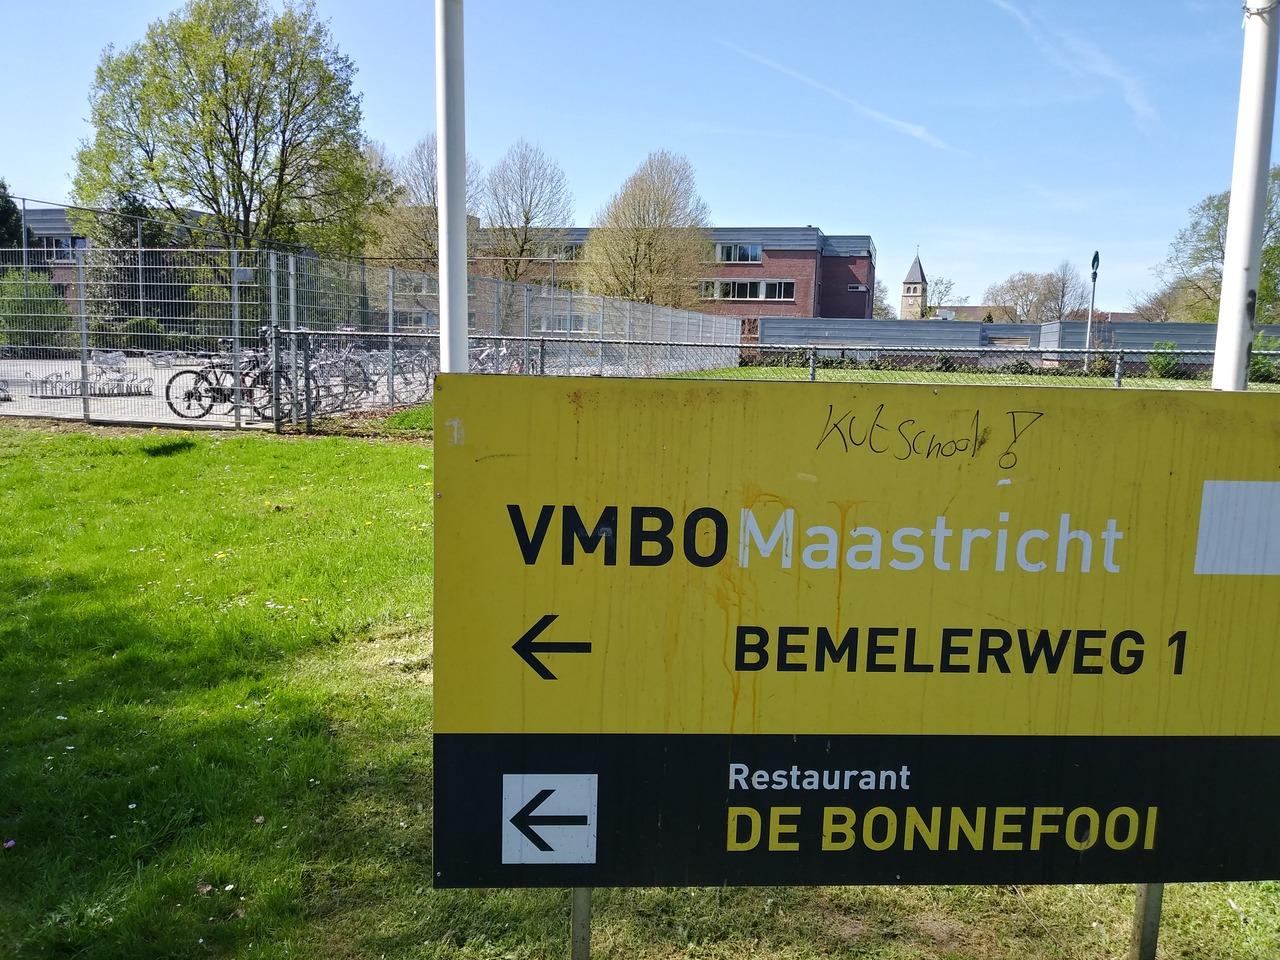 De Stoelen Vlogen In Het Rond Gisteren In De Kantine Van Het Vmbo Maastricht Aan De Bemelergrubbe Hekken Werden Kapot Getrokken En Eieren Vlogen Tegen De